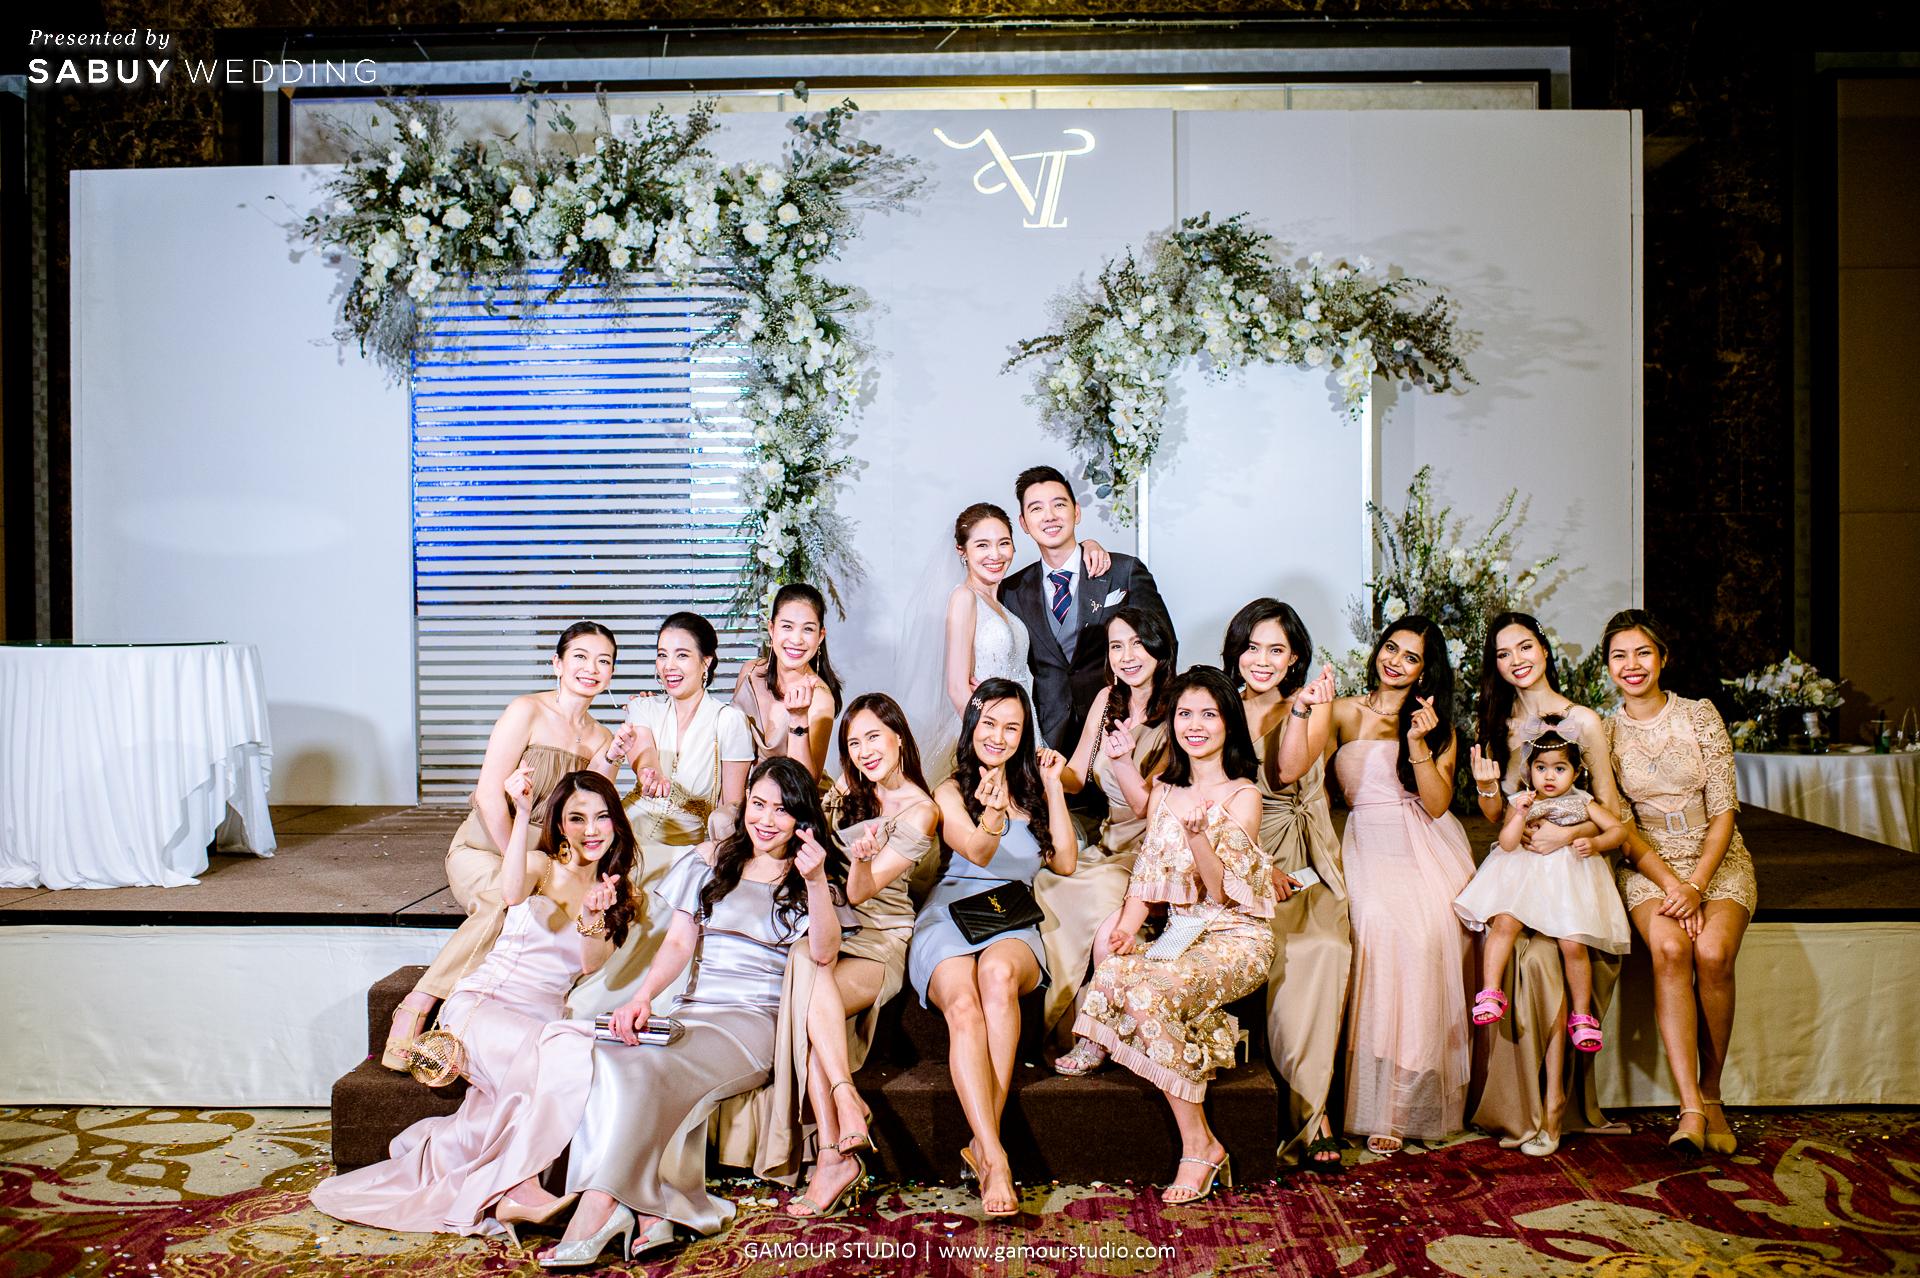 ตกแต่งงานแต่ง,ออแกไนเซอร์,เจ้าบ่าว,เจ้าสาว รีวิวงานแต่งมินิมอลสไตล์ สวยสบายตาด้วยโทนสีขาวคลีน @ Sofitel Bangkok Sukhumvit